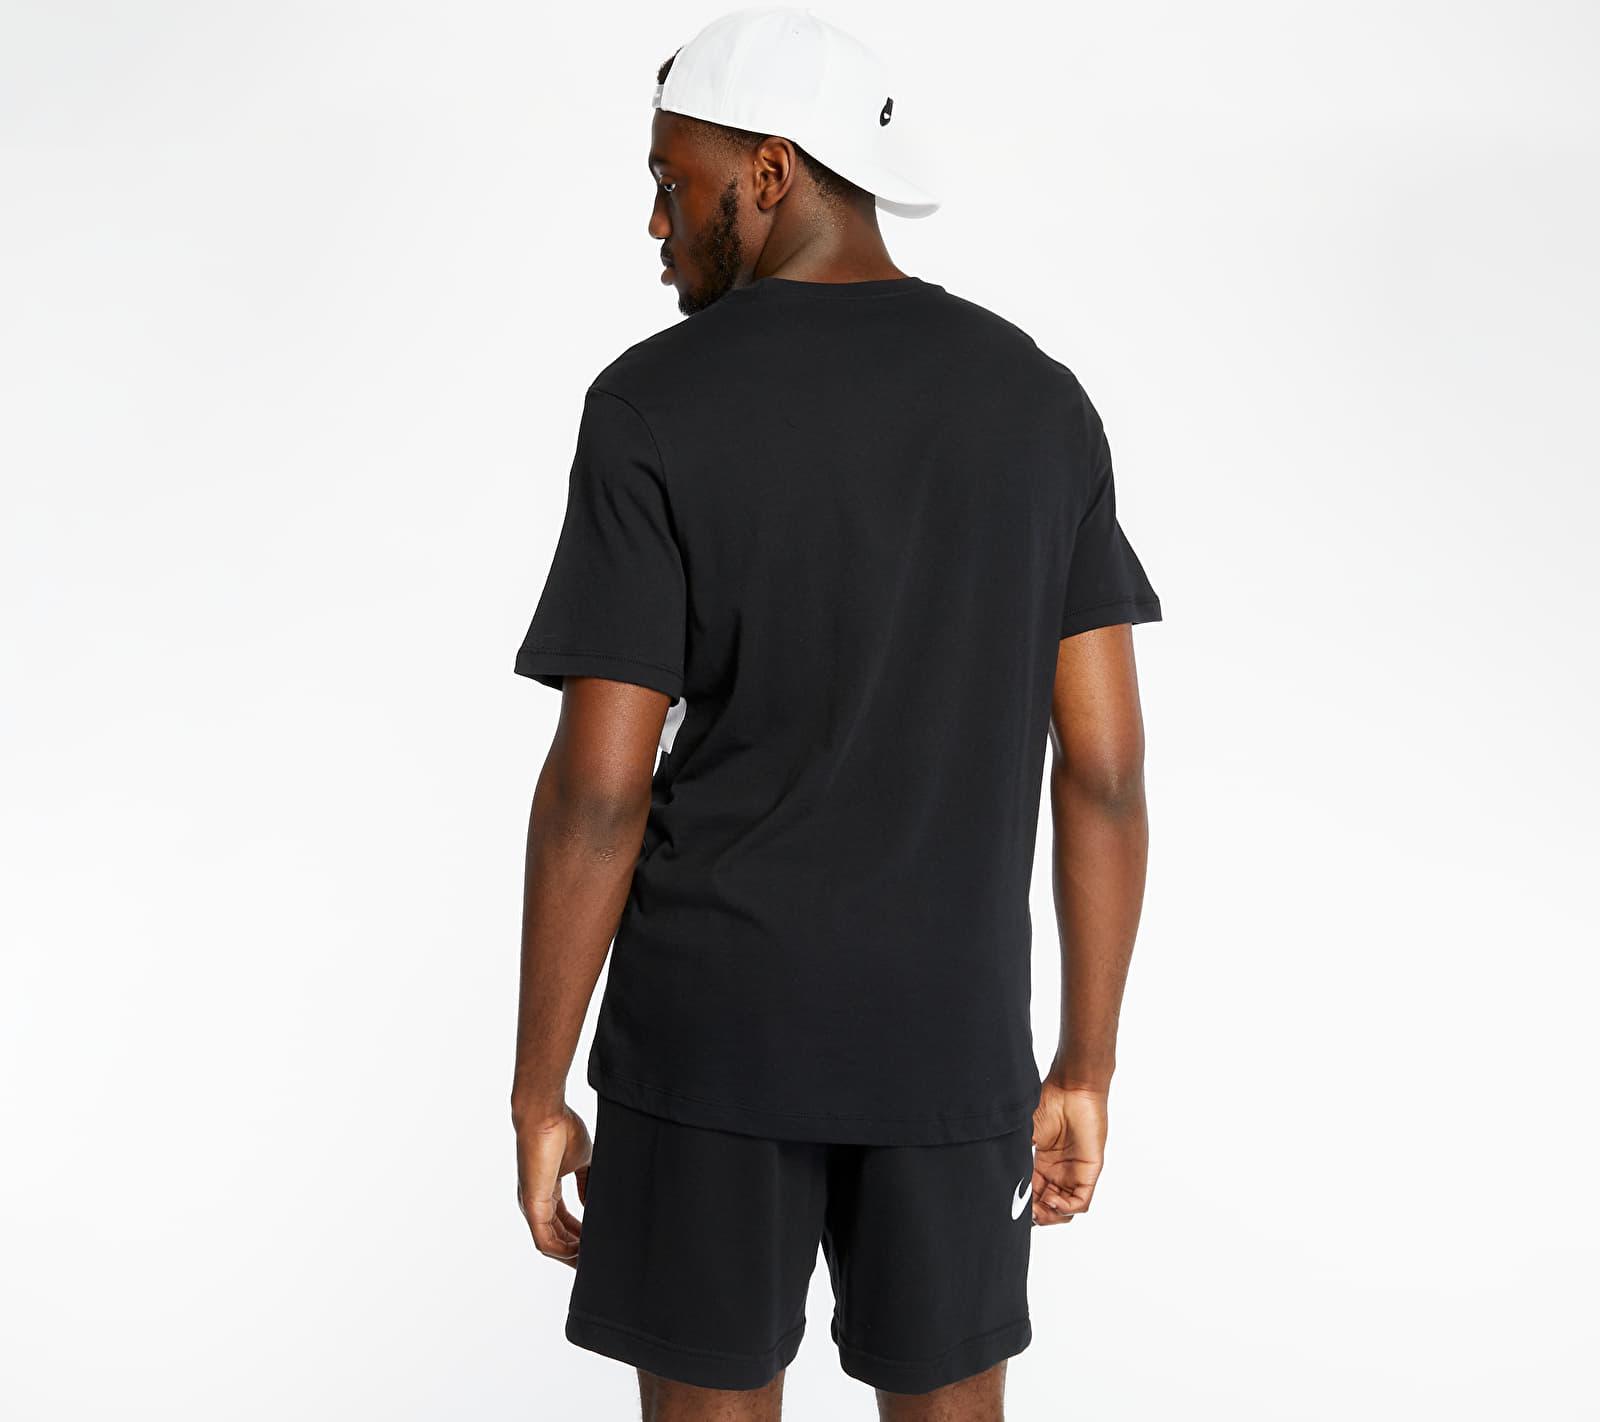 Nike Sportswear Nike Air Tee Black/ White